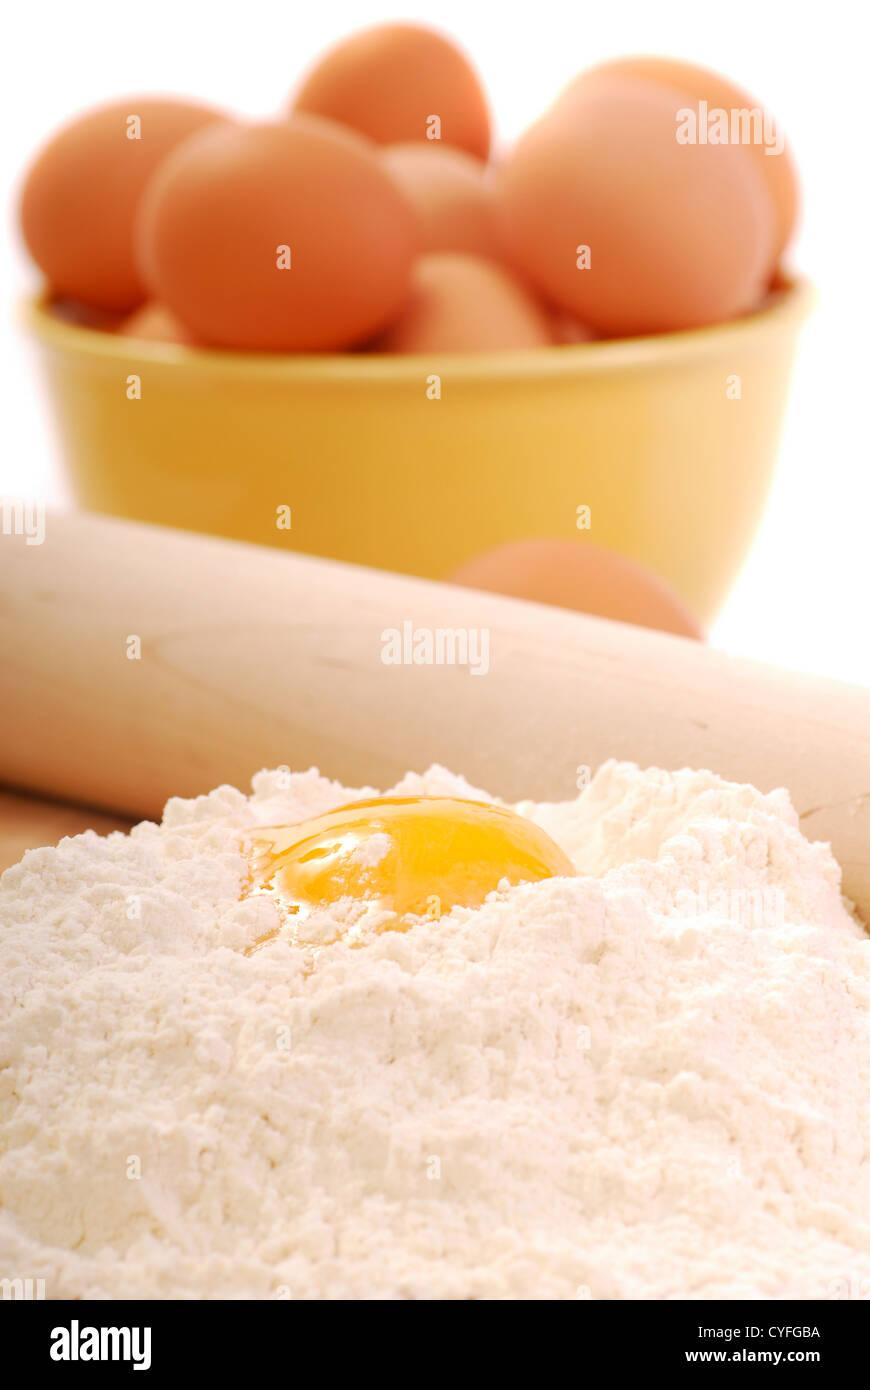 Mischung aus Eiern und Mehl mit gut Methode zur Herstellung von Teigwaren Stockbild